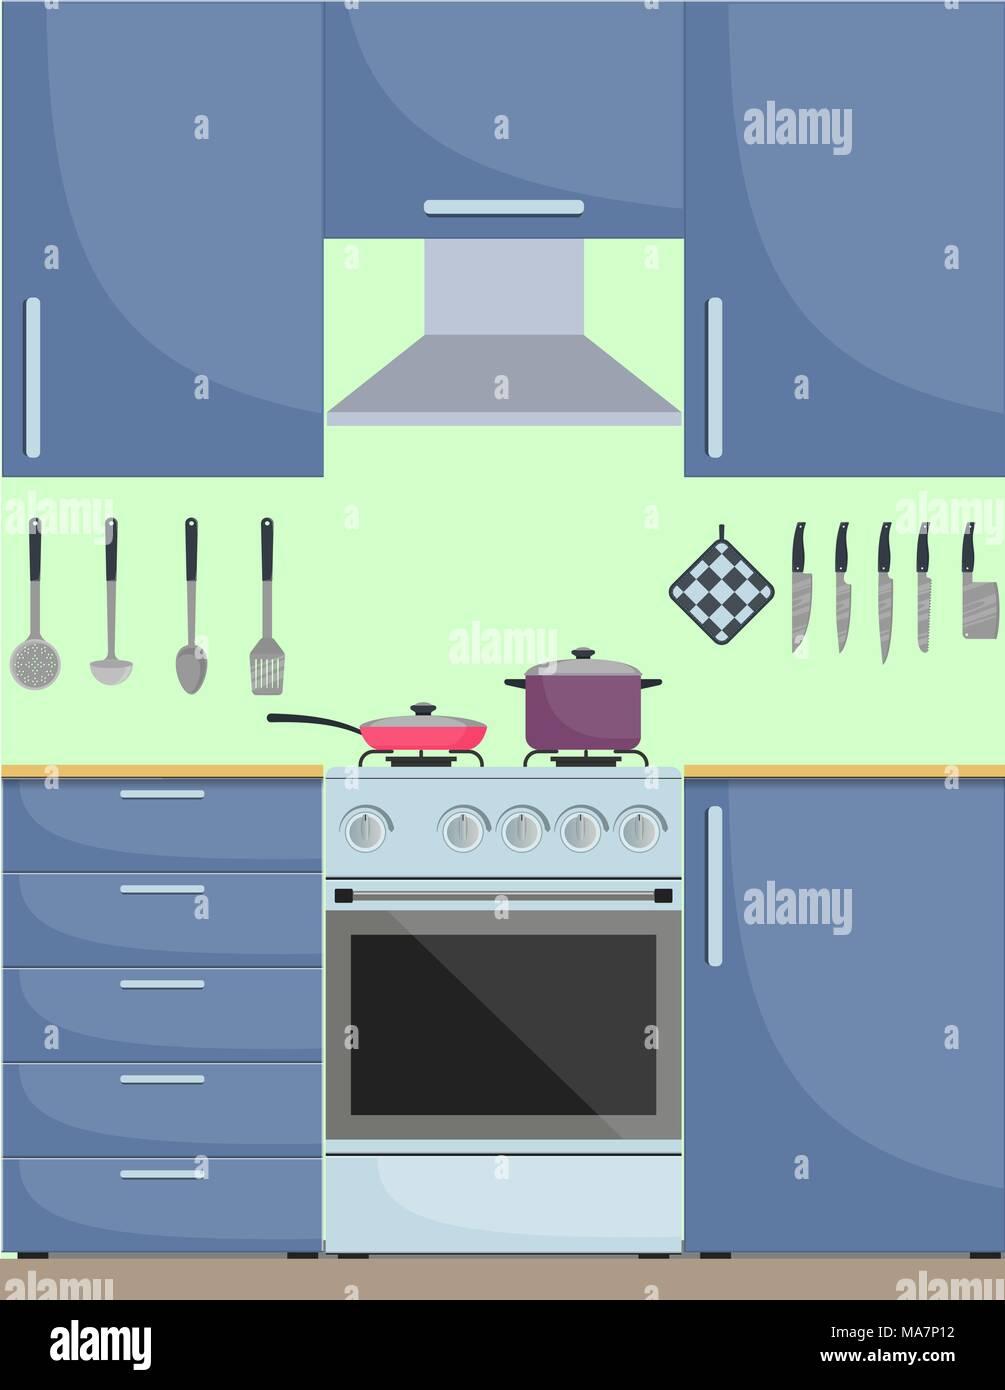 Kitchen Axe Vector Vectors Stock Photos & Kitchen Axe Vector Vectors ...